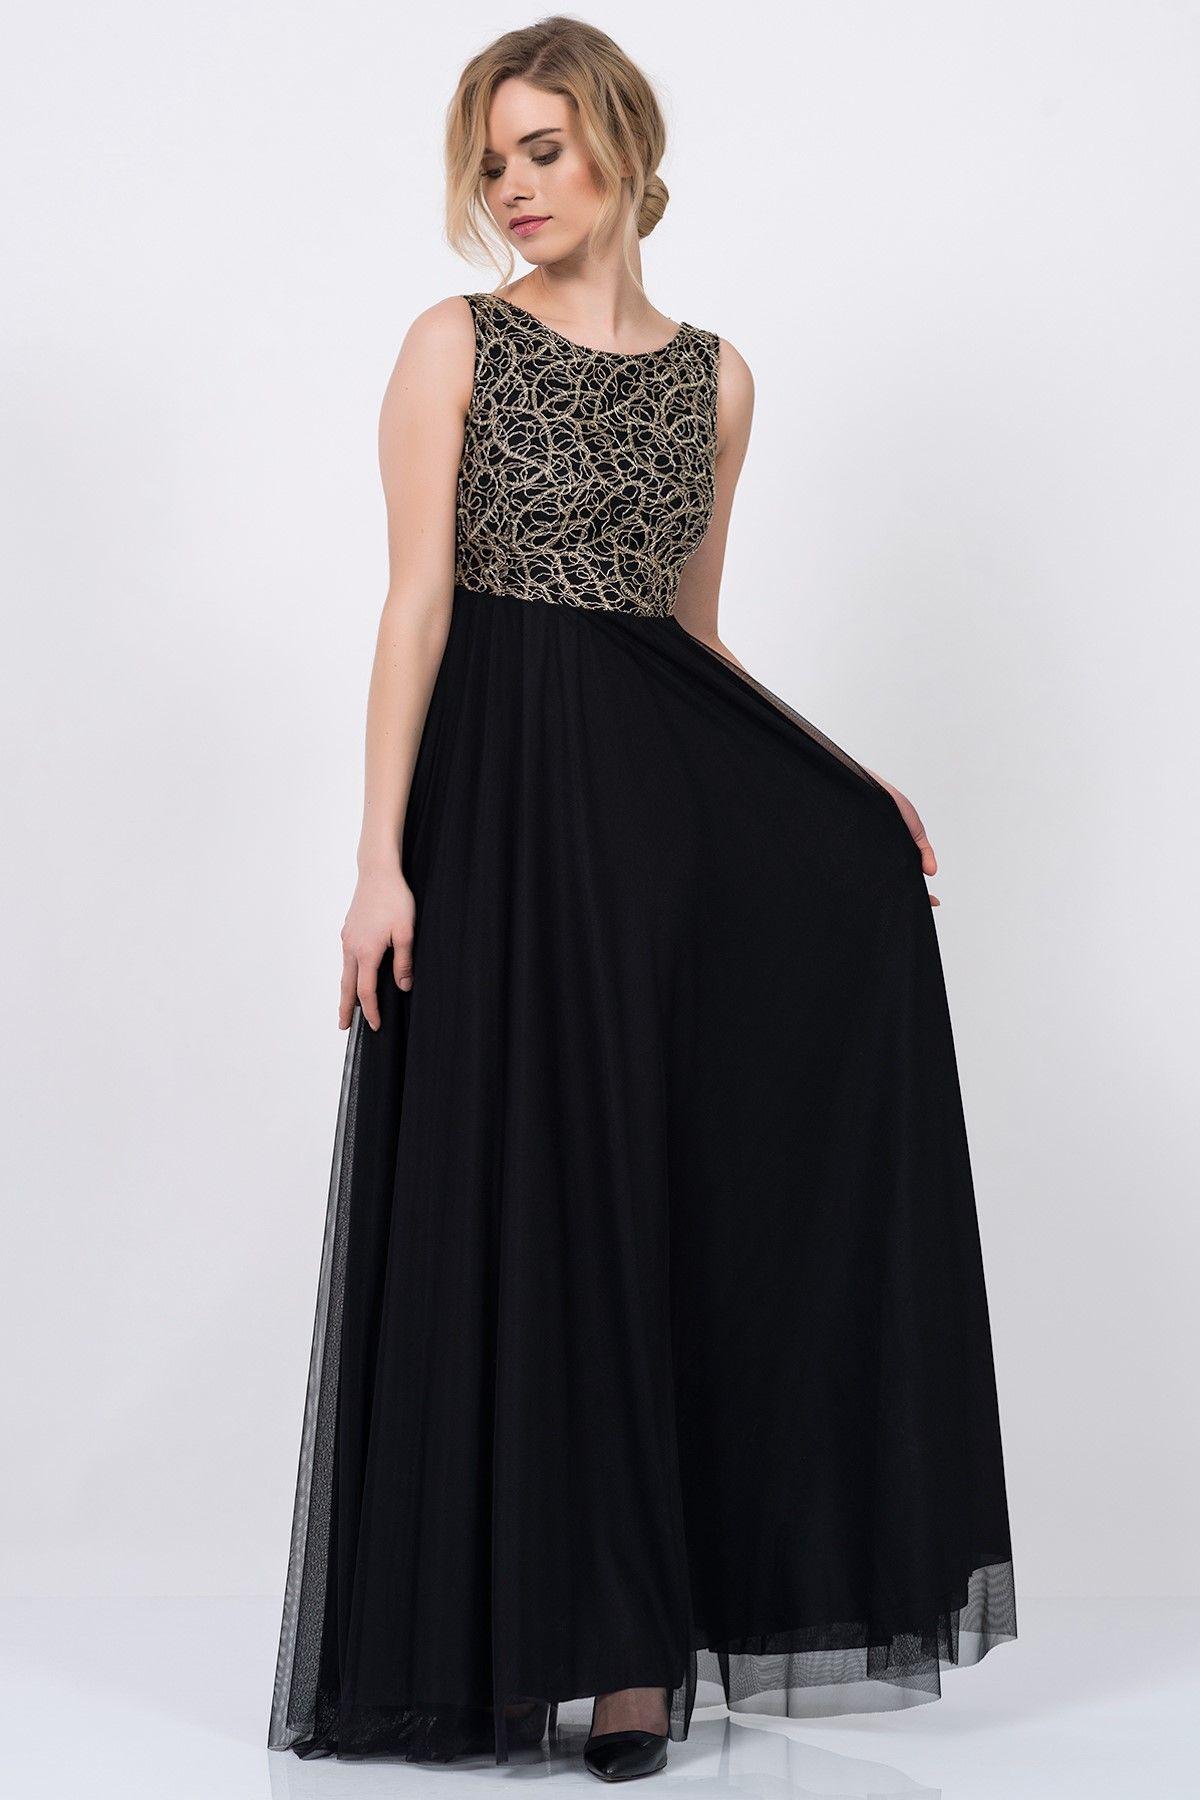 Siyah Altin Rengi Parlak Islemeli Uzun Abiye Elbise 5021 1085 Elbise Moda Stilleri Balo Elbiseleri